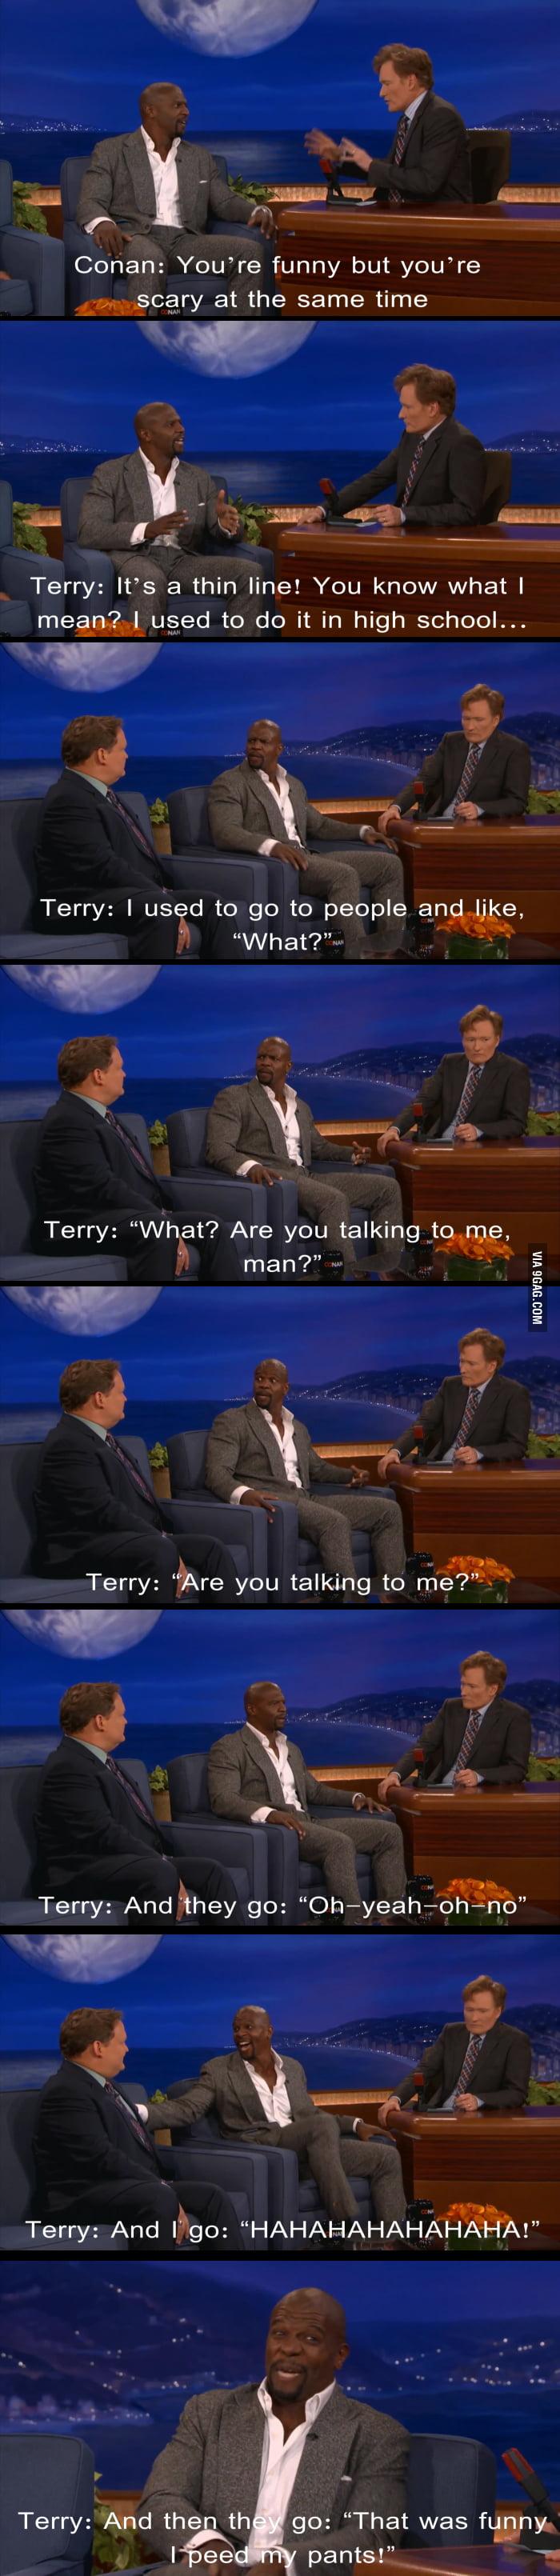 Terry Crews has Superhero Powers